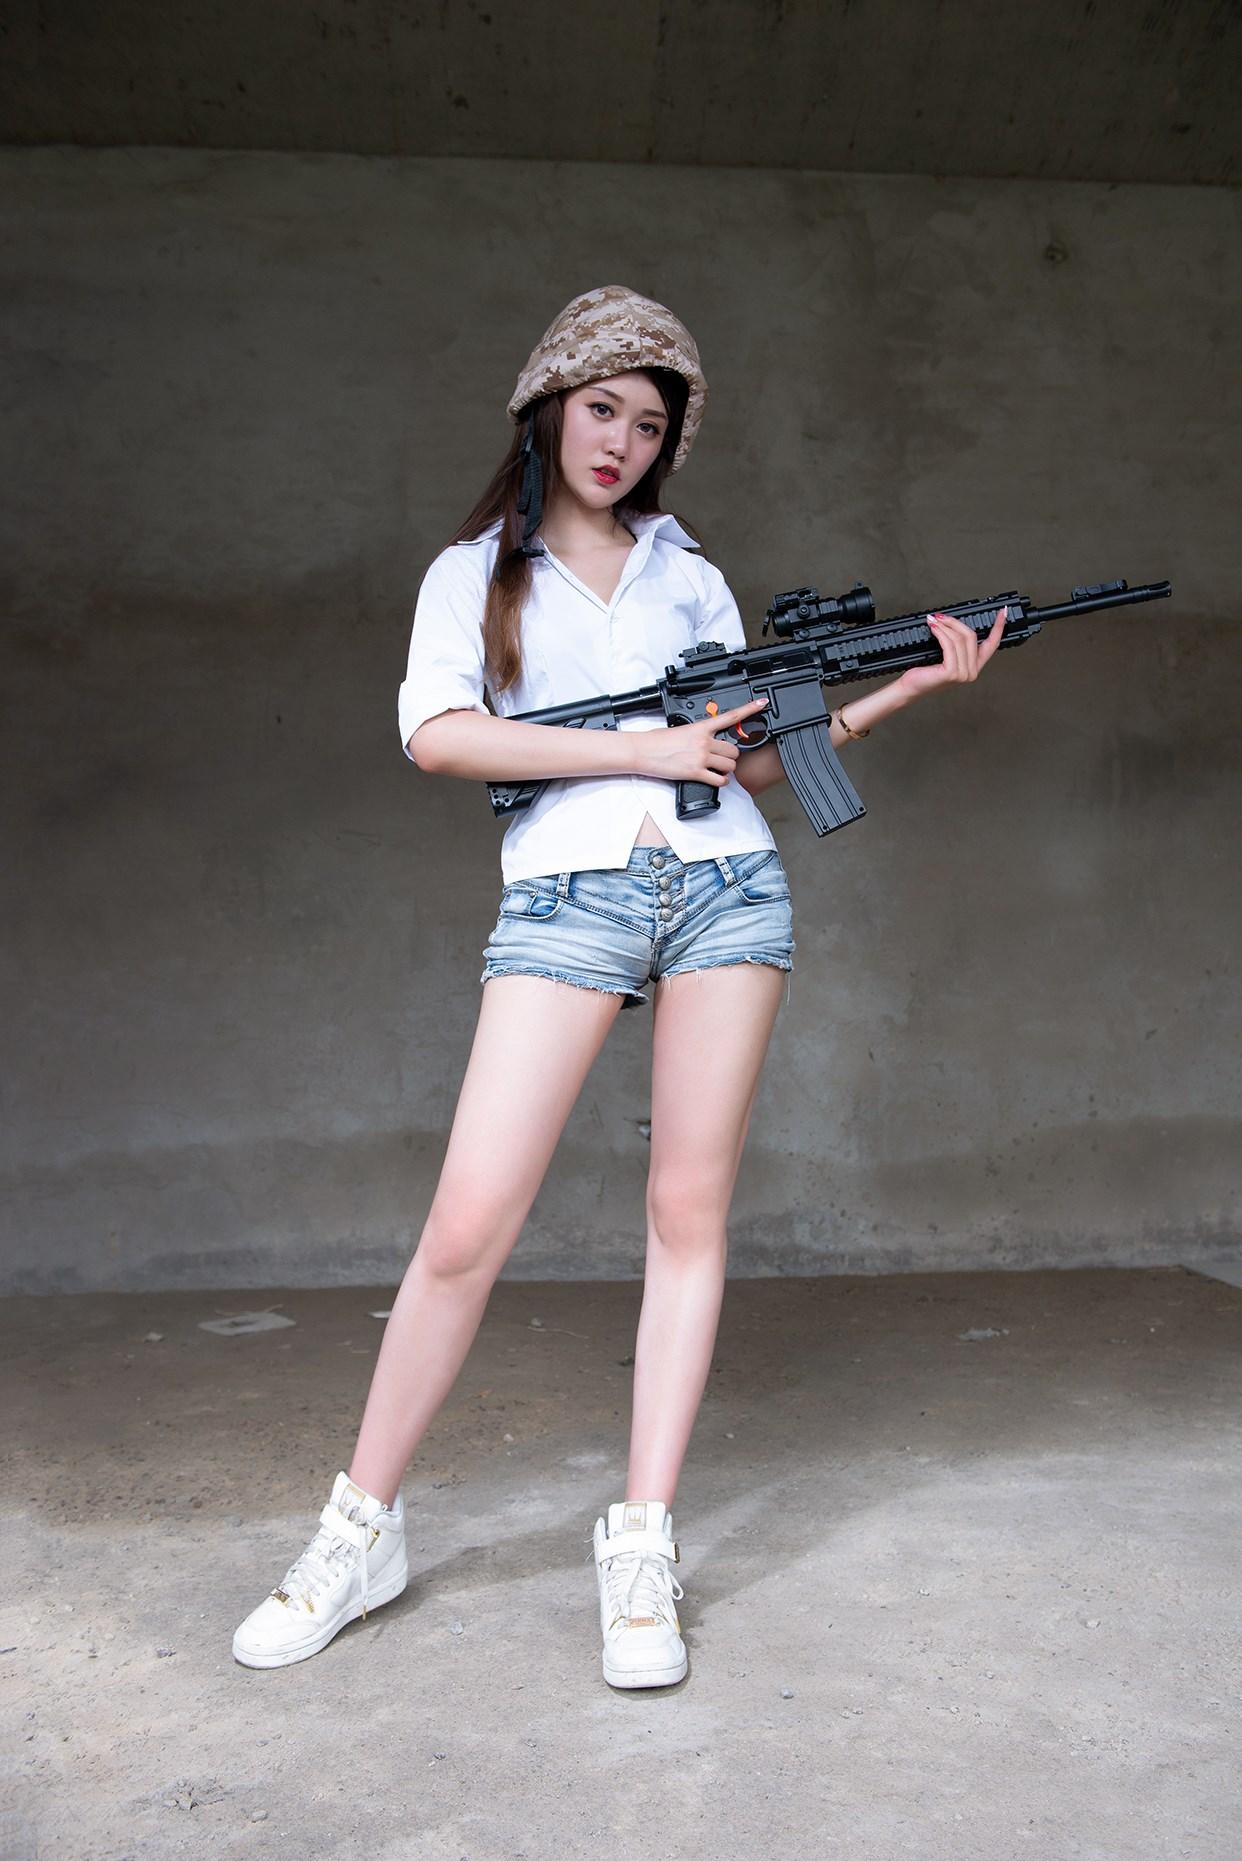 【兔玩映画】狙击少女 兔玩映画 第21张